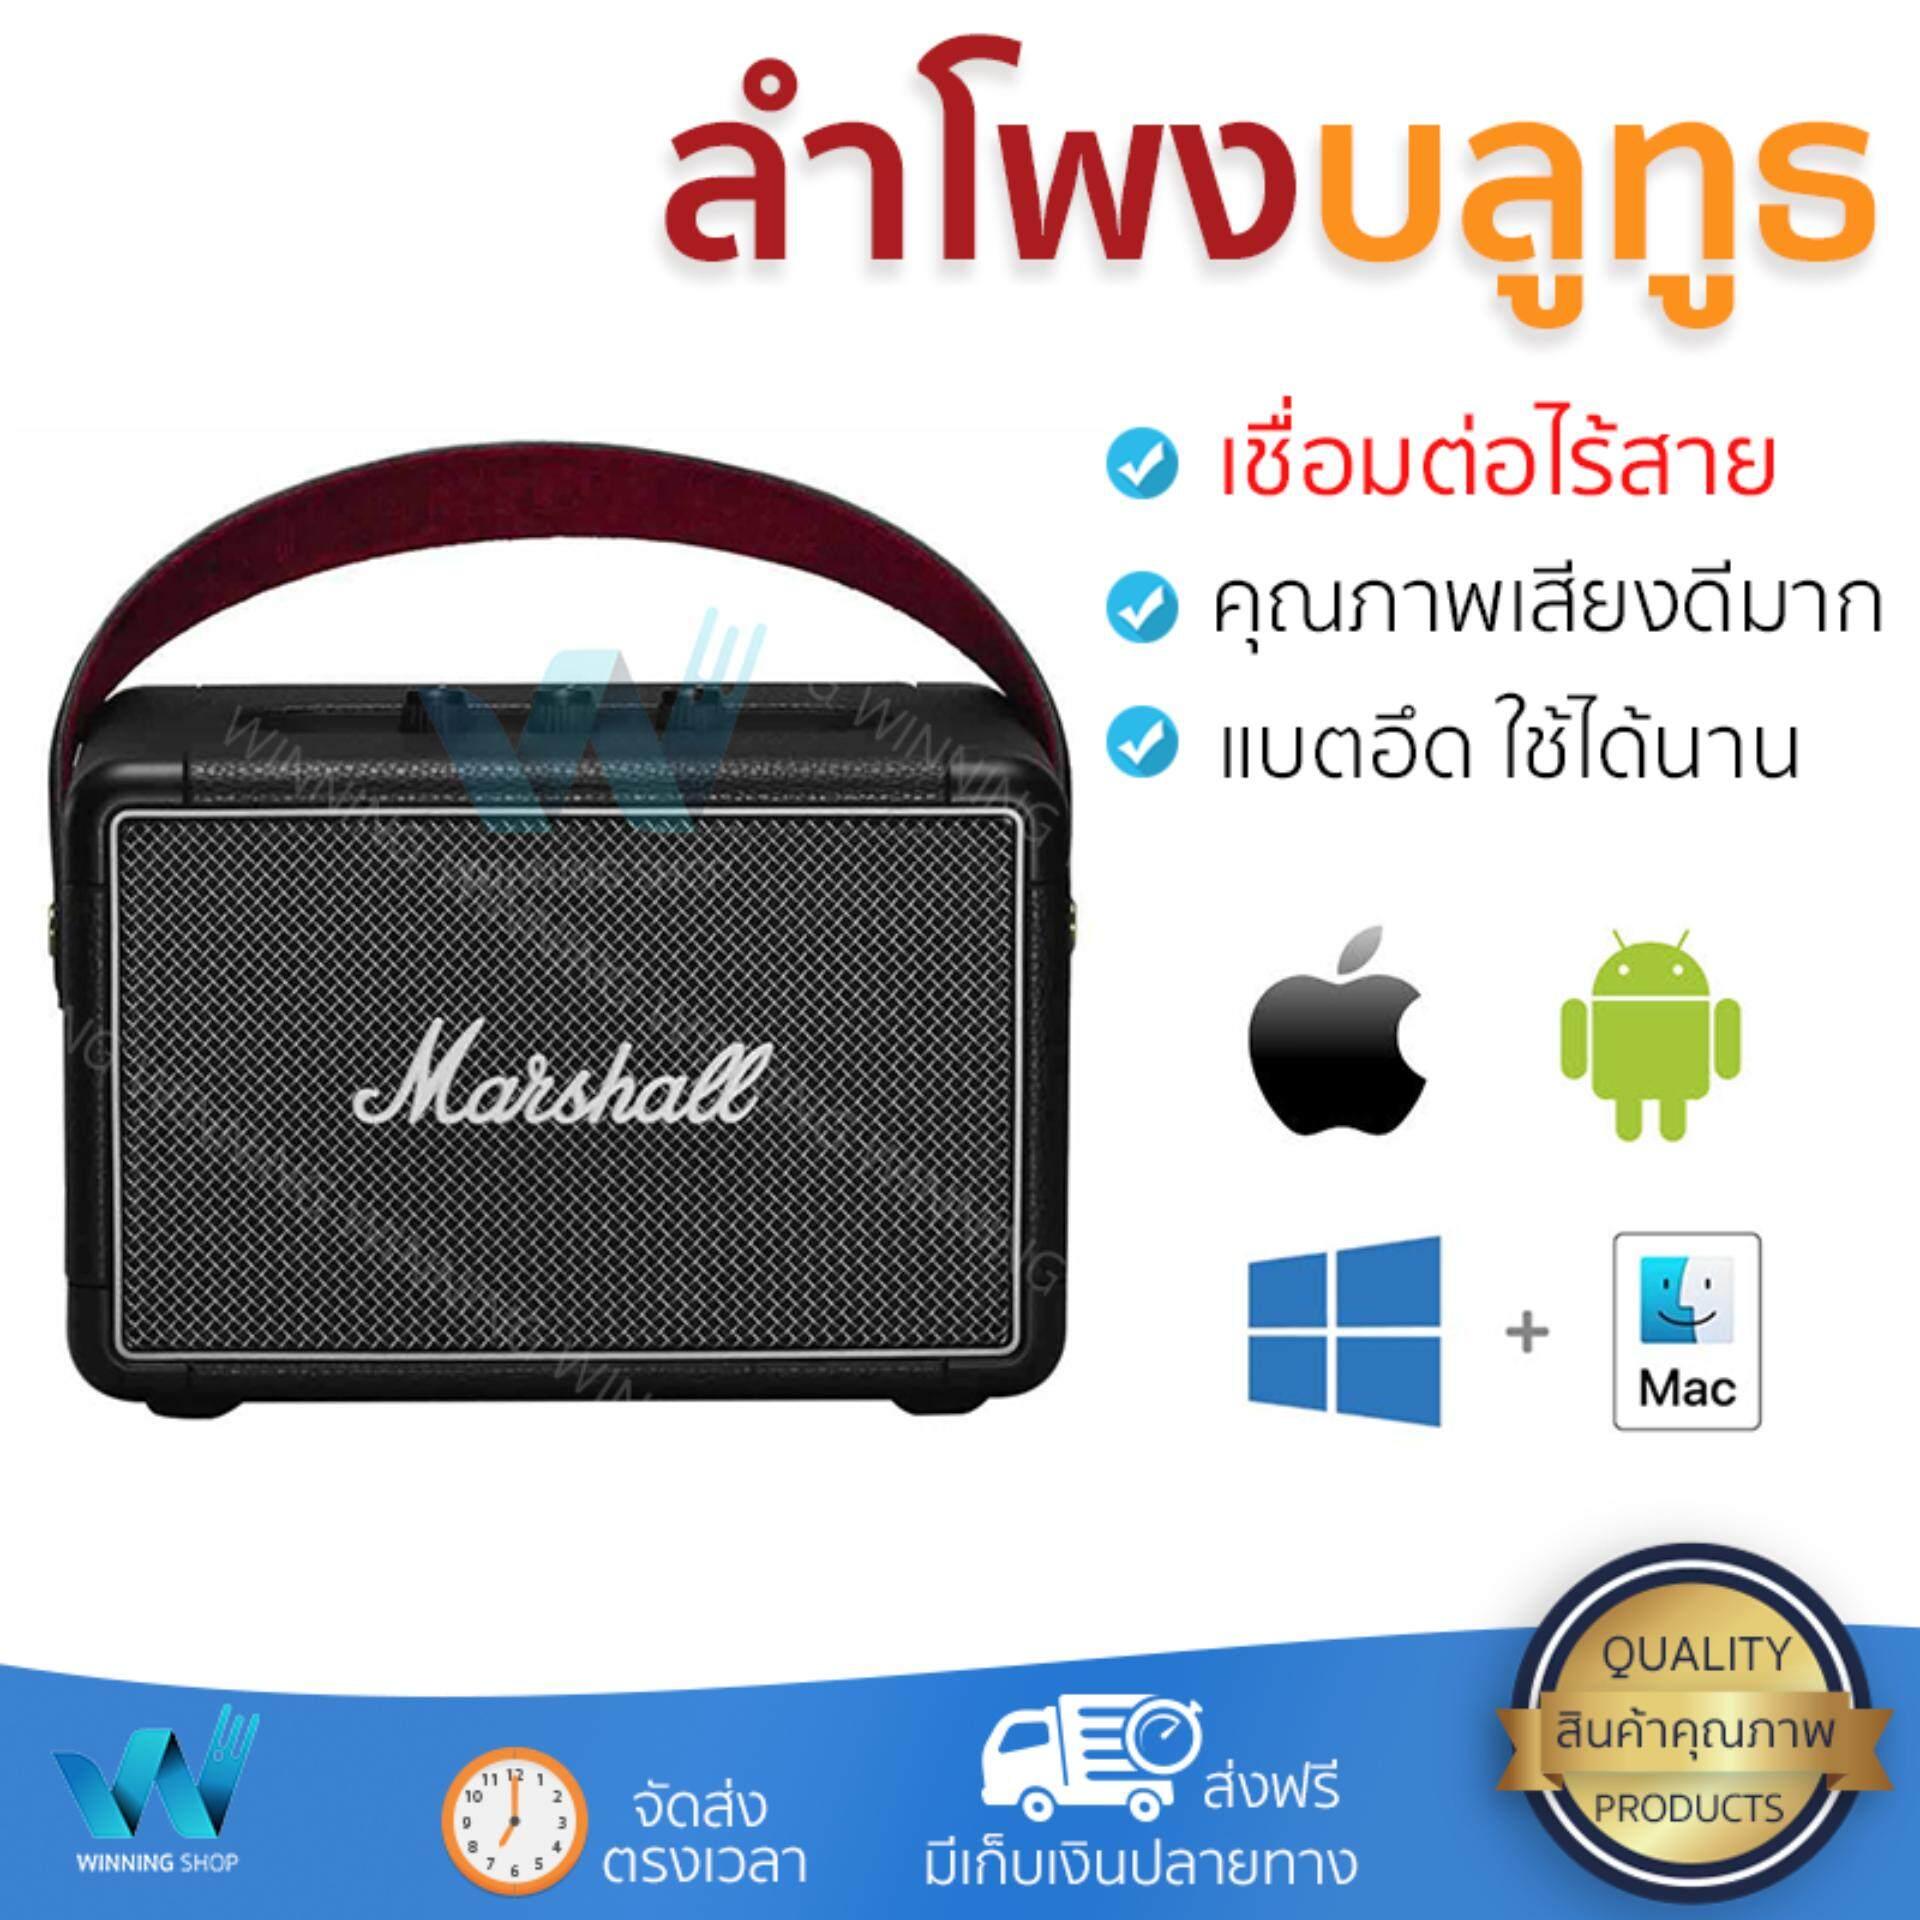 สอนใช้งาน  ภูเก็ต จัดส่งฟรี ลำโพงบลูทูธ  Marshall Bluetooth Speaker 2.1 Kilburn II Black เสียงใส คุณภาพเกินตัว Wireless Bluetooth Speaker รับประกัน 1 ปี